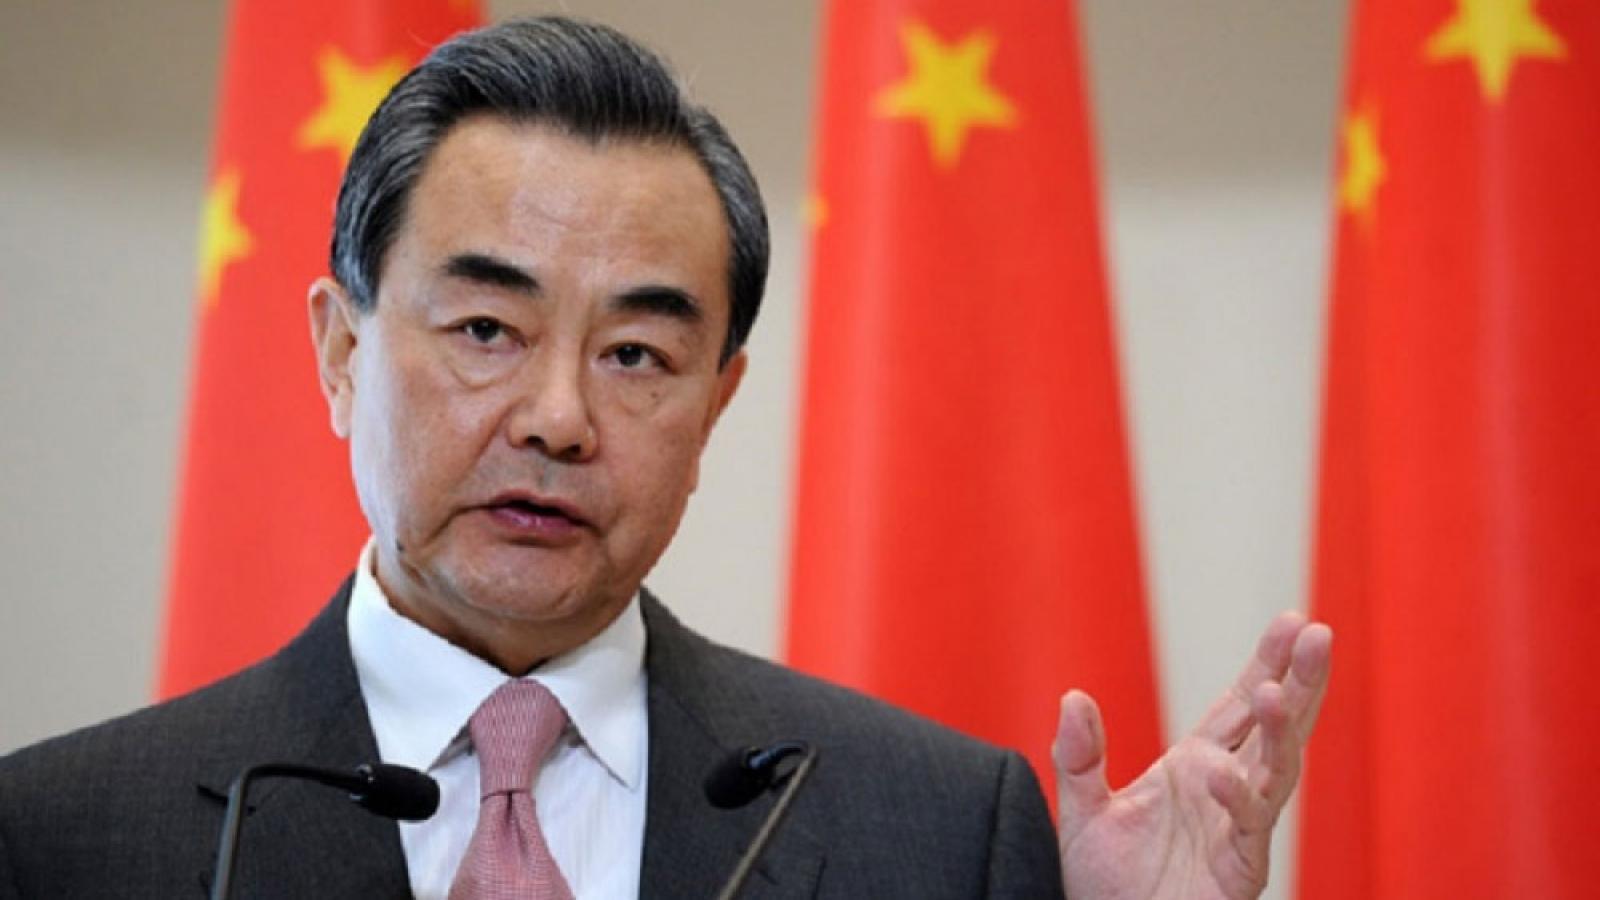 Ngoại trưởng Trung Quốc hội đàm với người đồng cấp Philippines, Iran